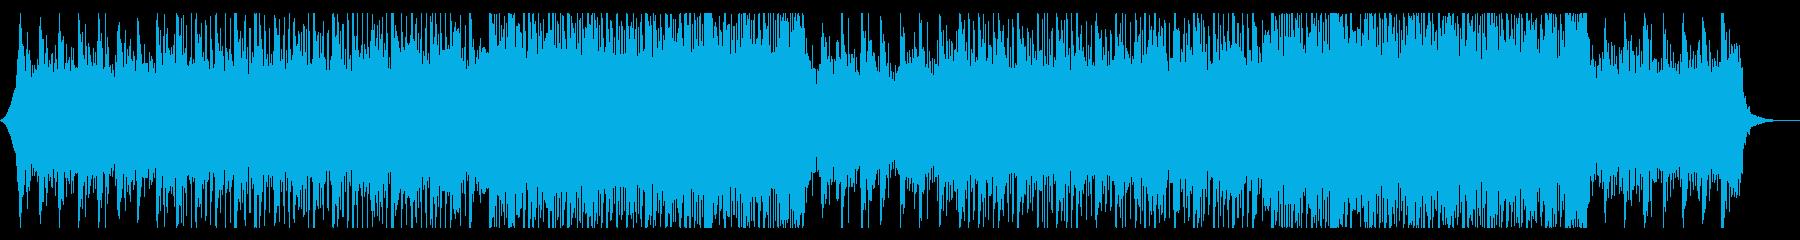 企業VP・爽やかな朝をイメージしたBGMの再生済みの波形